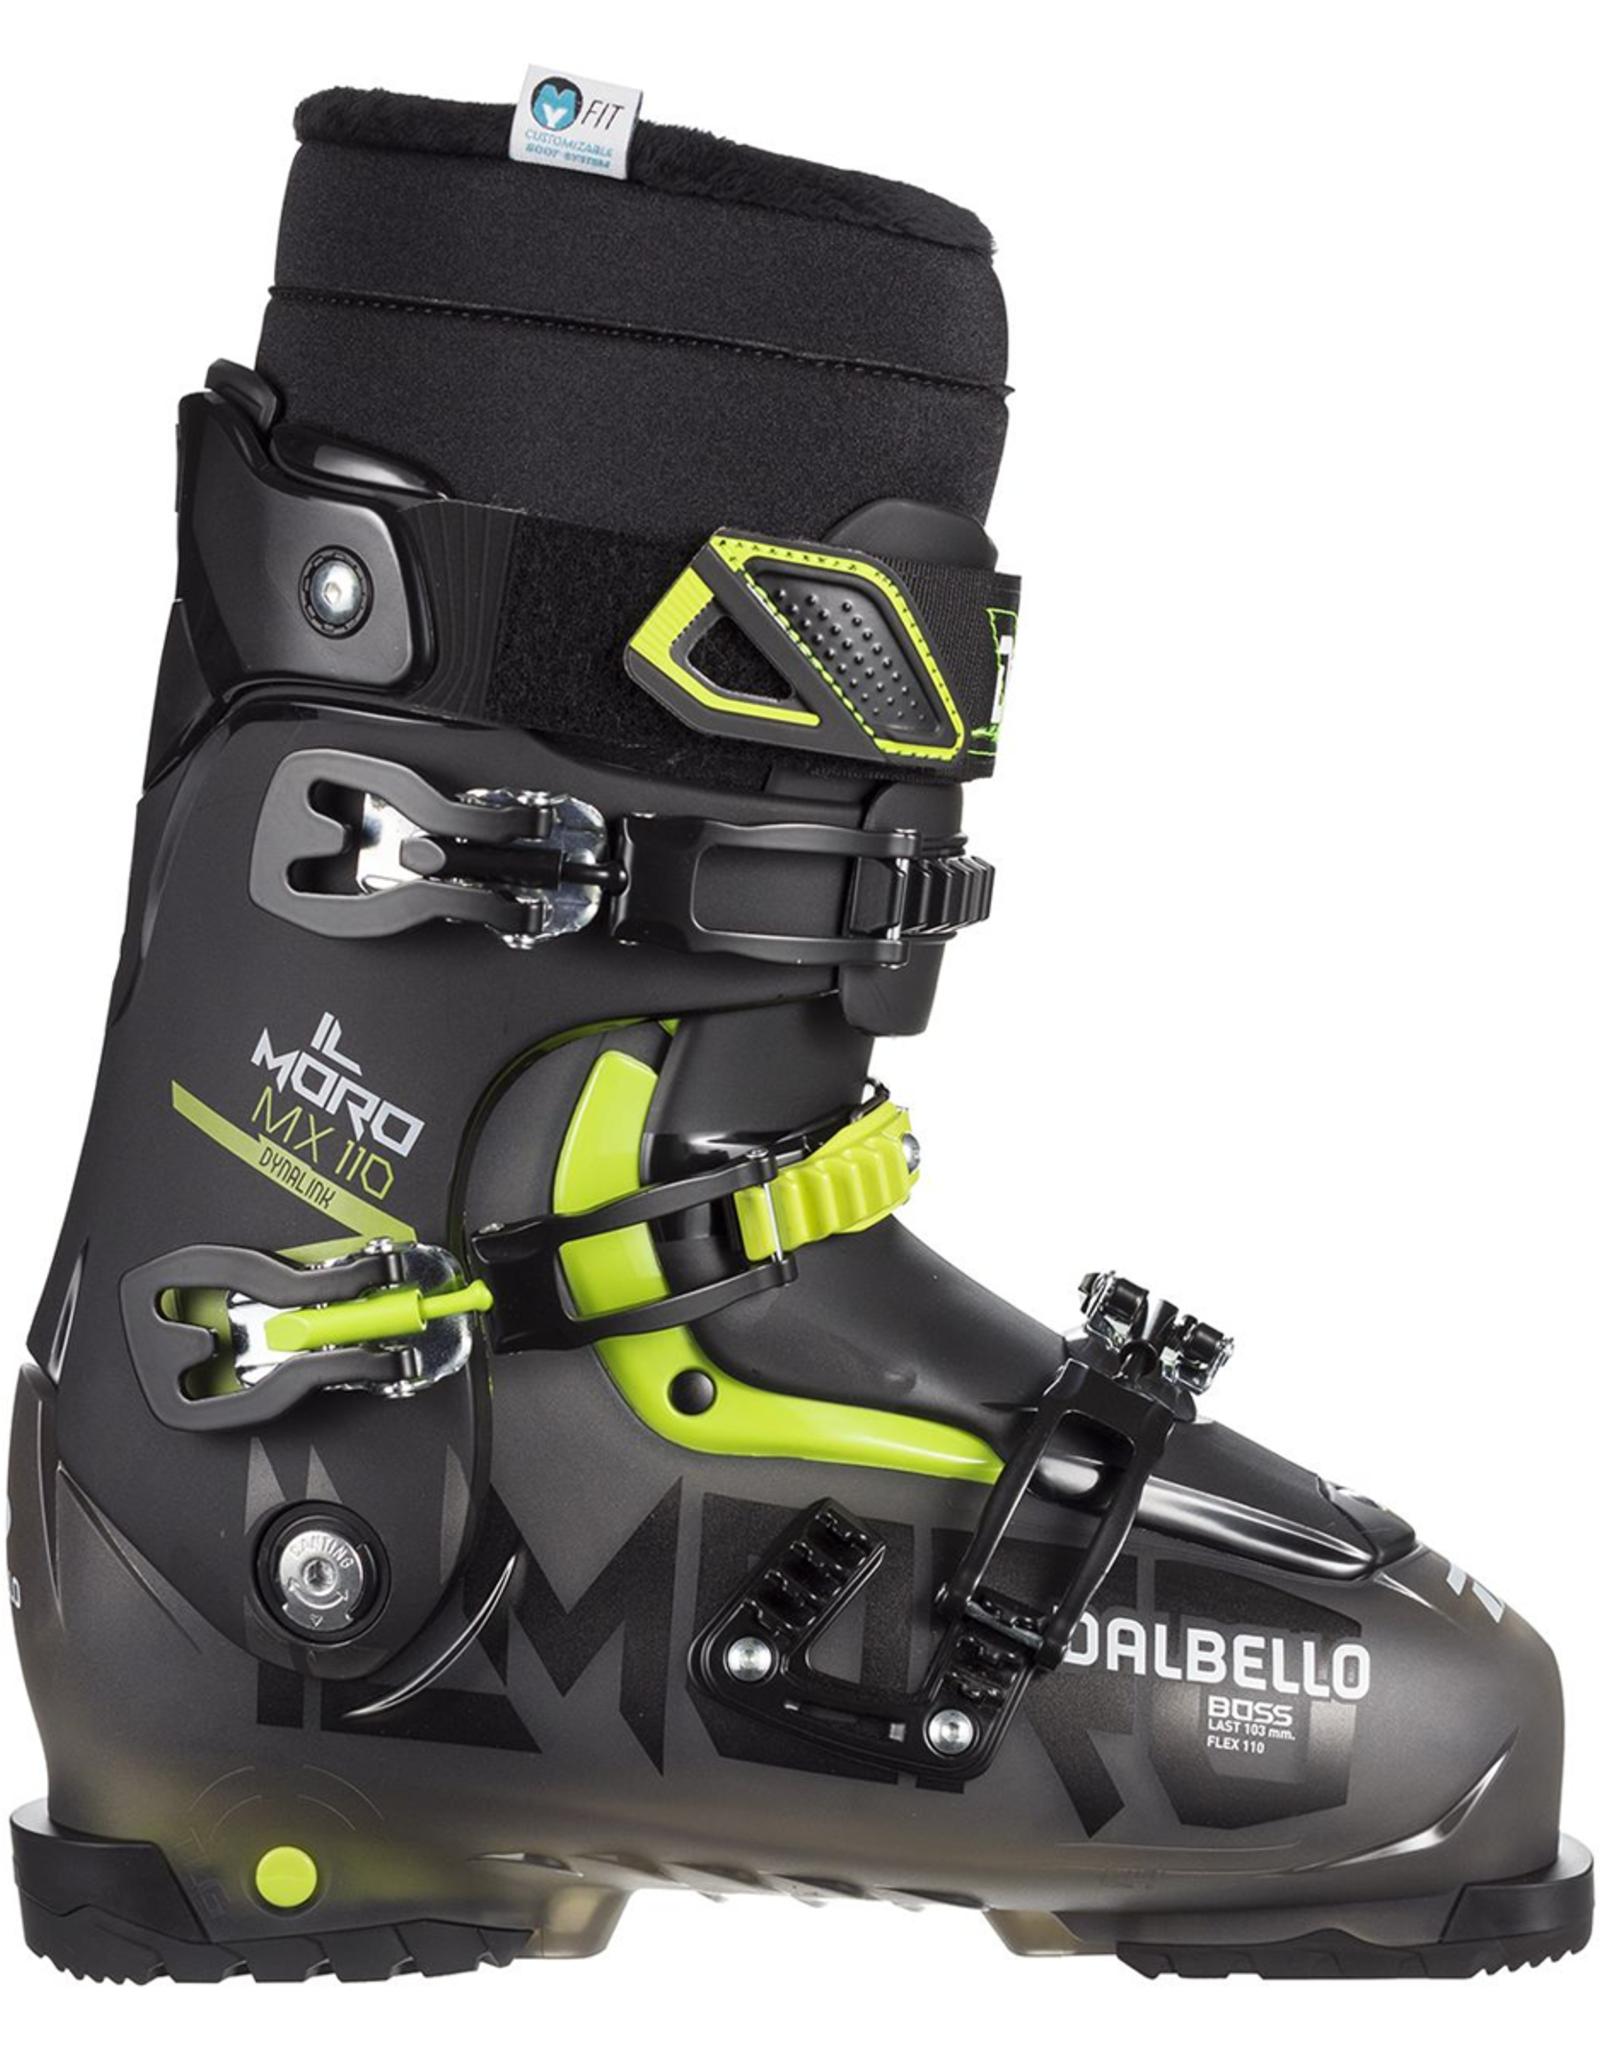 DALBELLO DALBELLO Ski Boots IL MORO MX 110 (19/20)